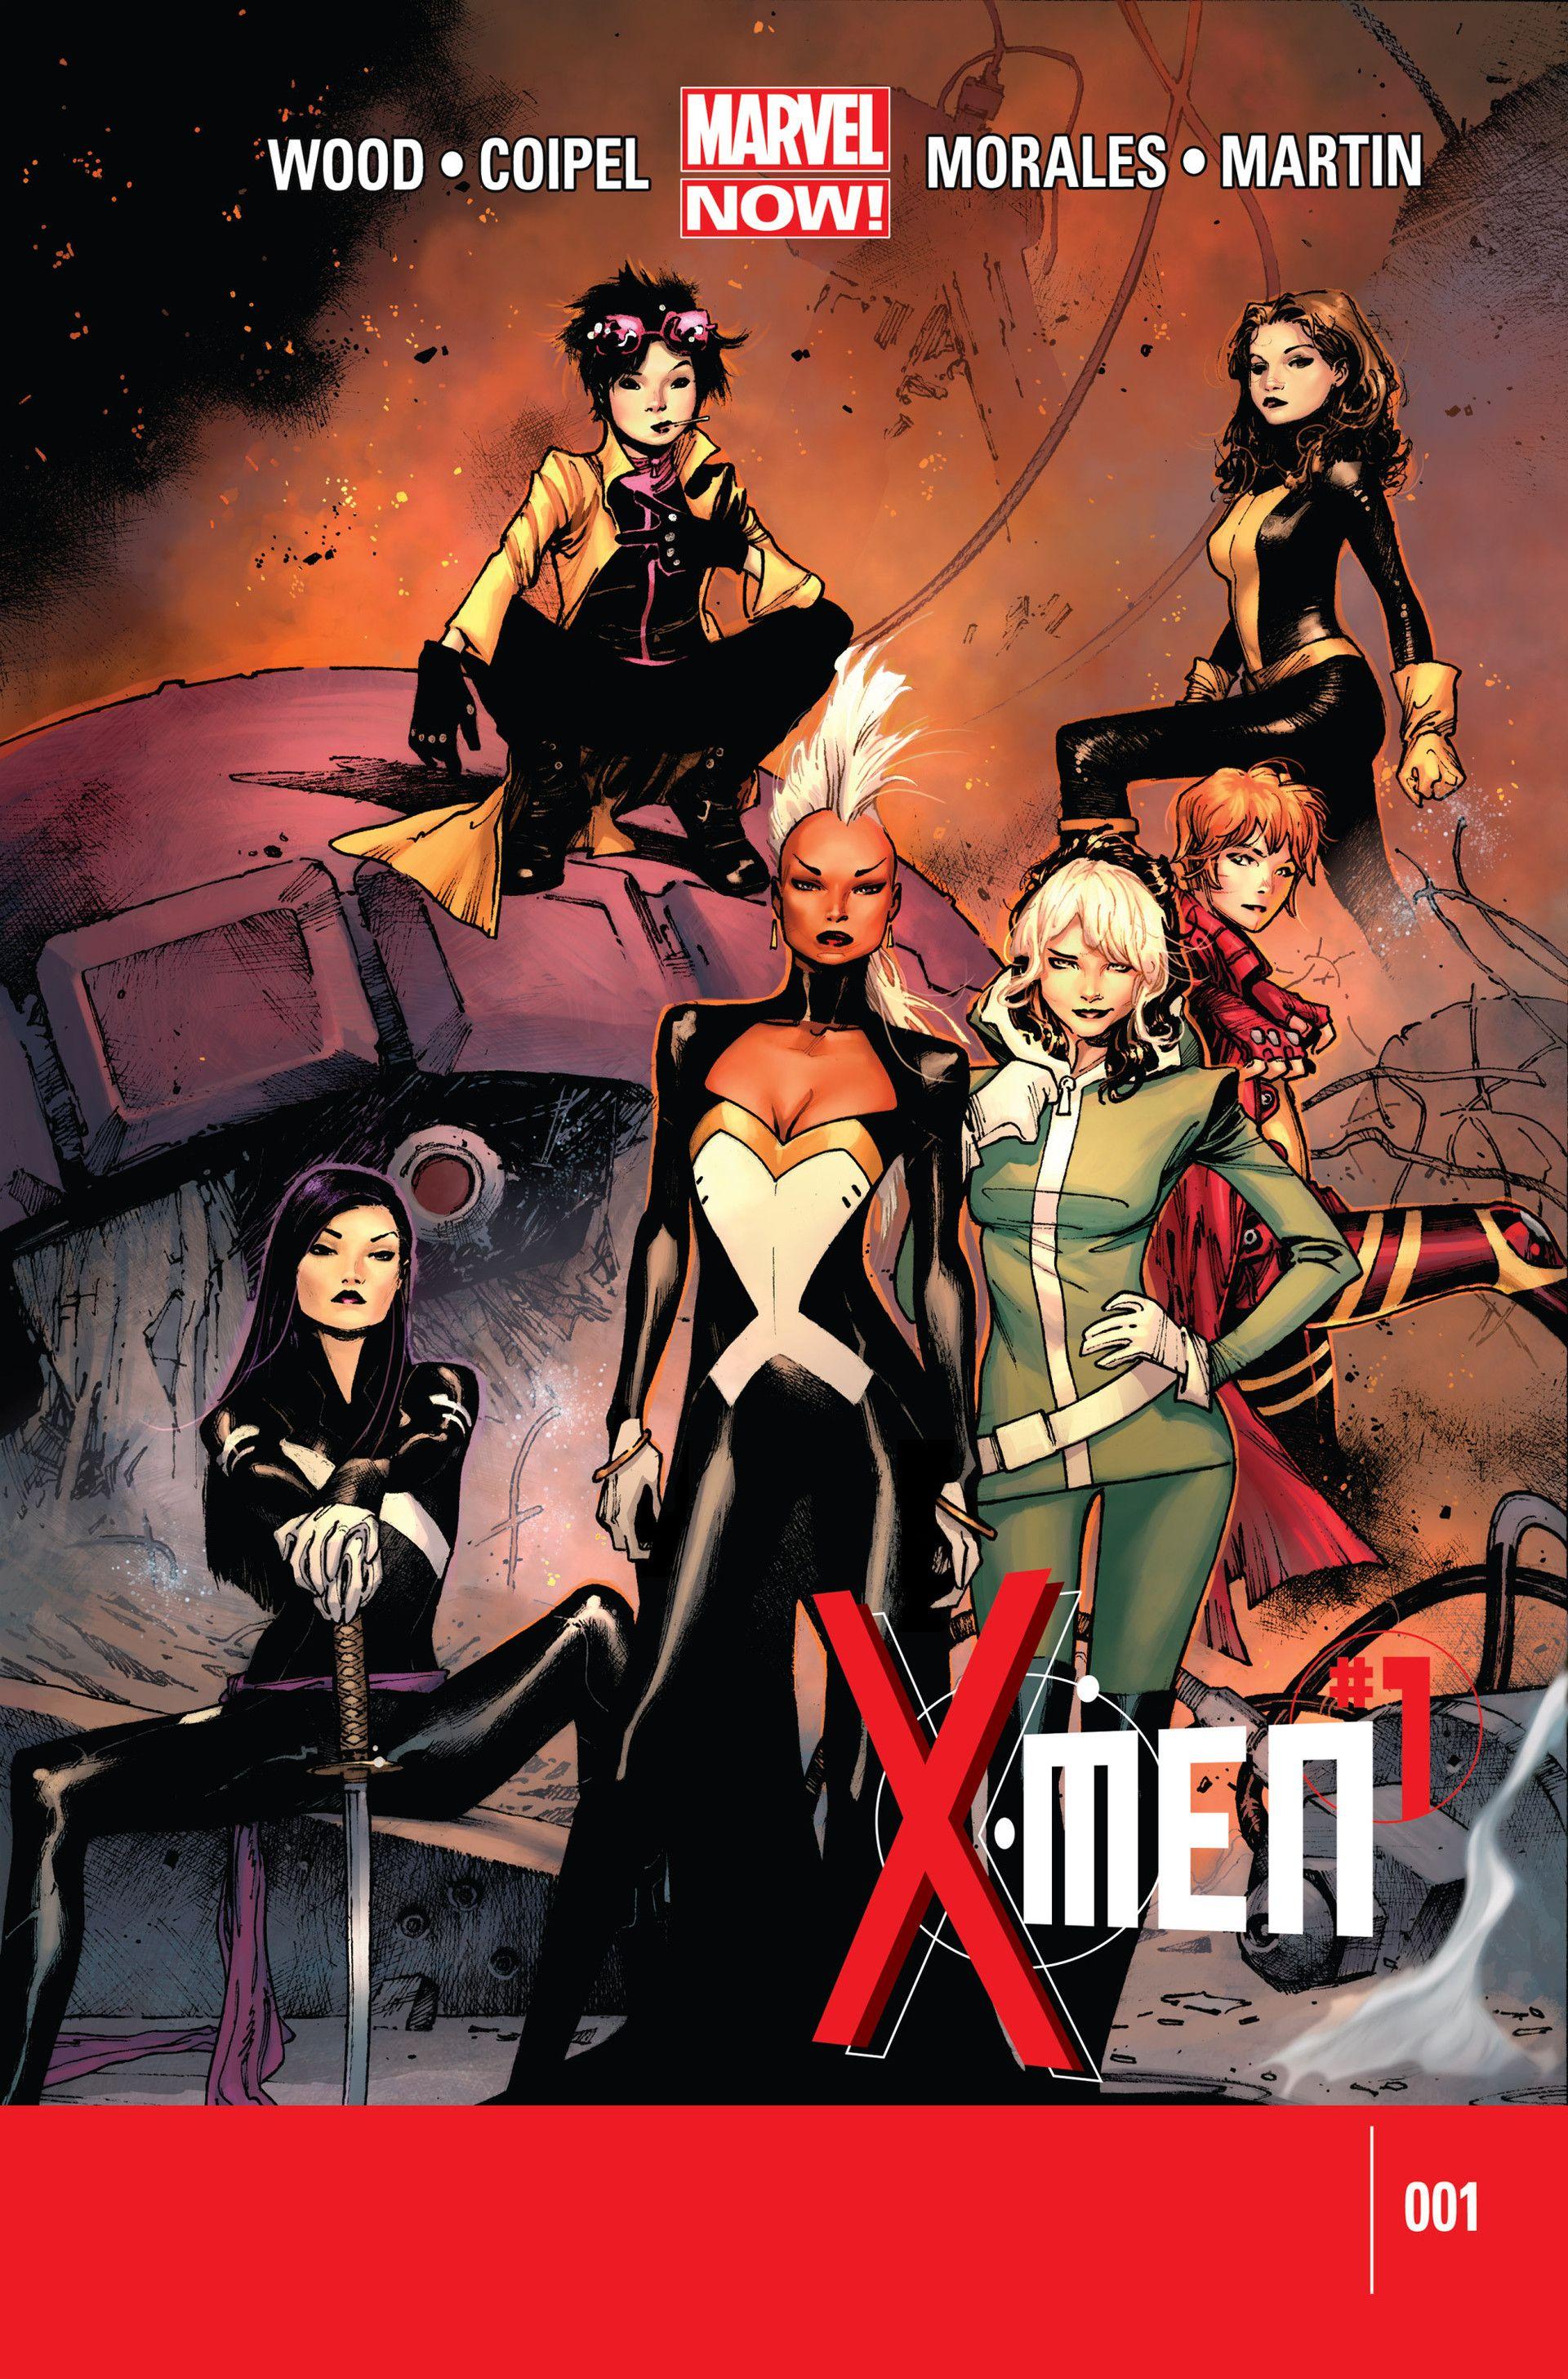 X Men V4 01 Oliver Coipel Love The Cover Love The Team X Men Marvel Now Marvel Comics